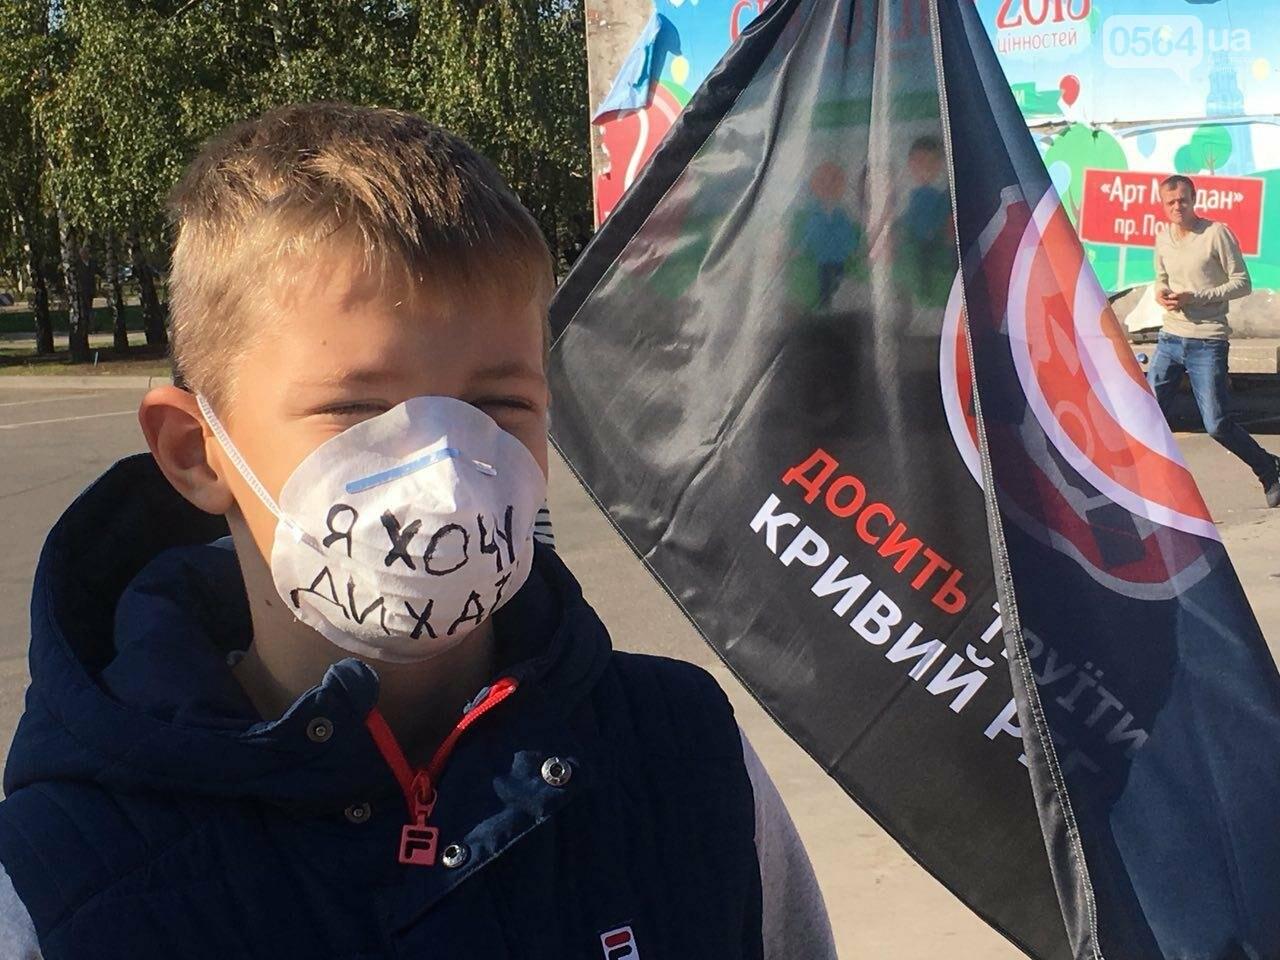 Криворожане вышли на акцию #ЯХочуДихати и отстаивают свое право на чистый воздух, - ФОТО, ПРЯМОЙ ЭФИР, фото-6